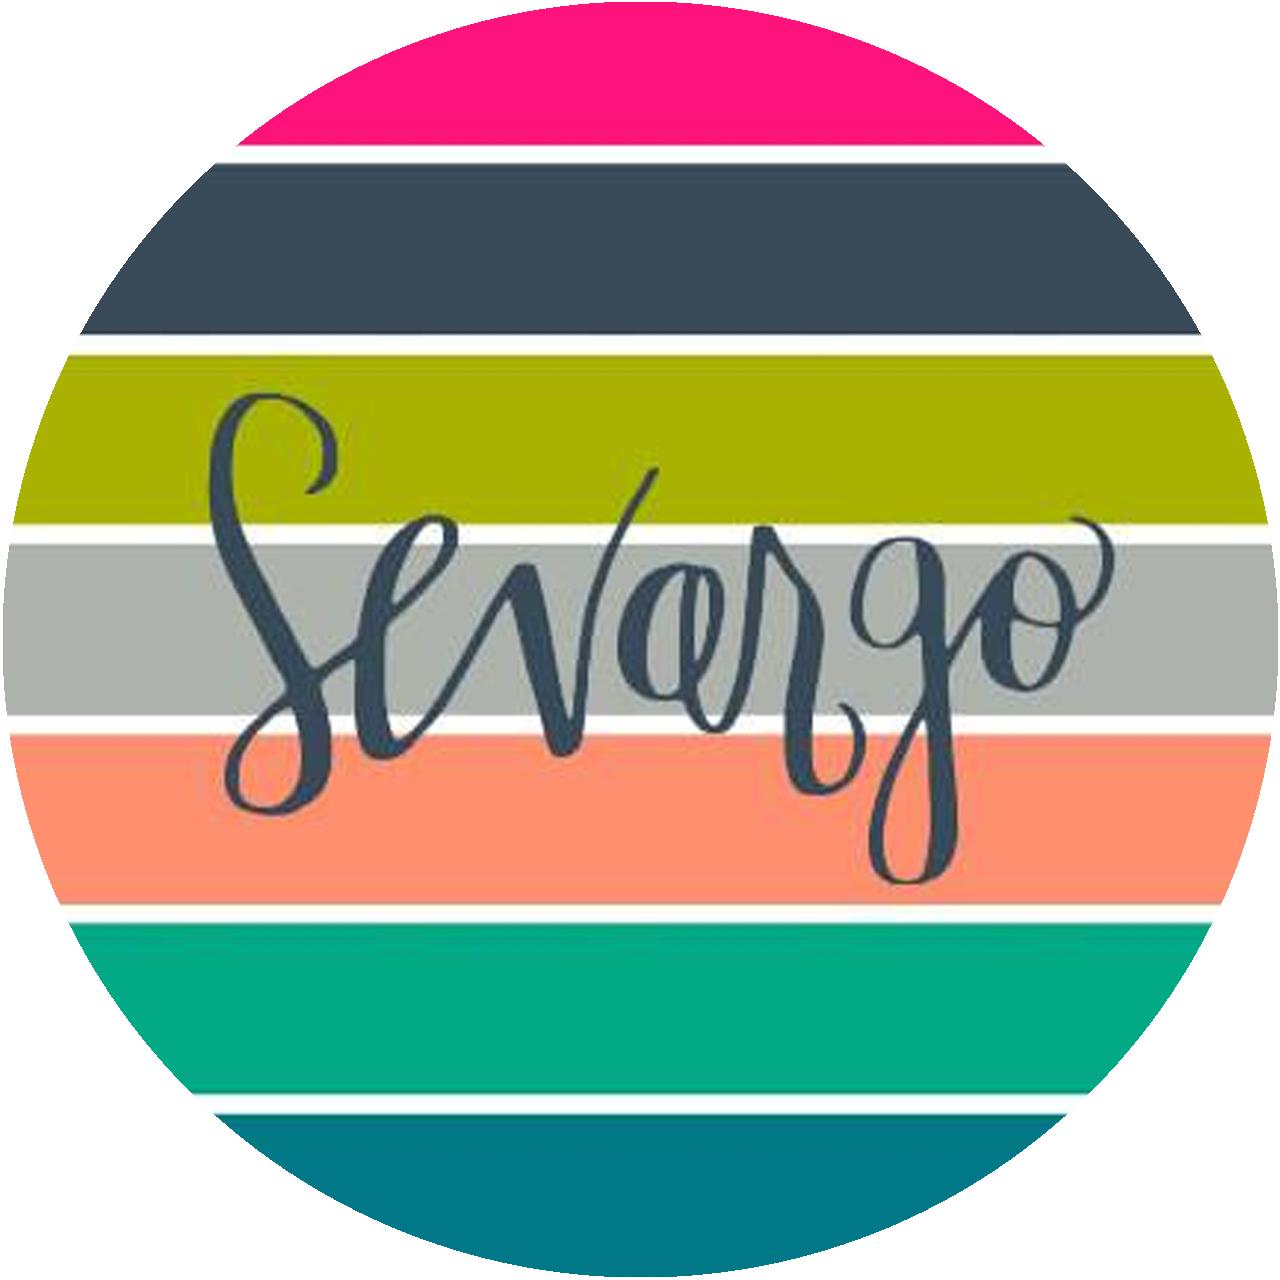 Sevargo Logo